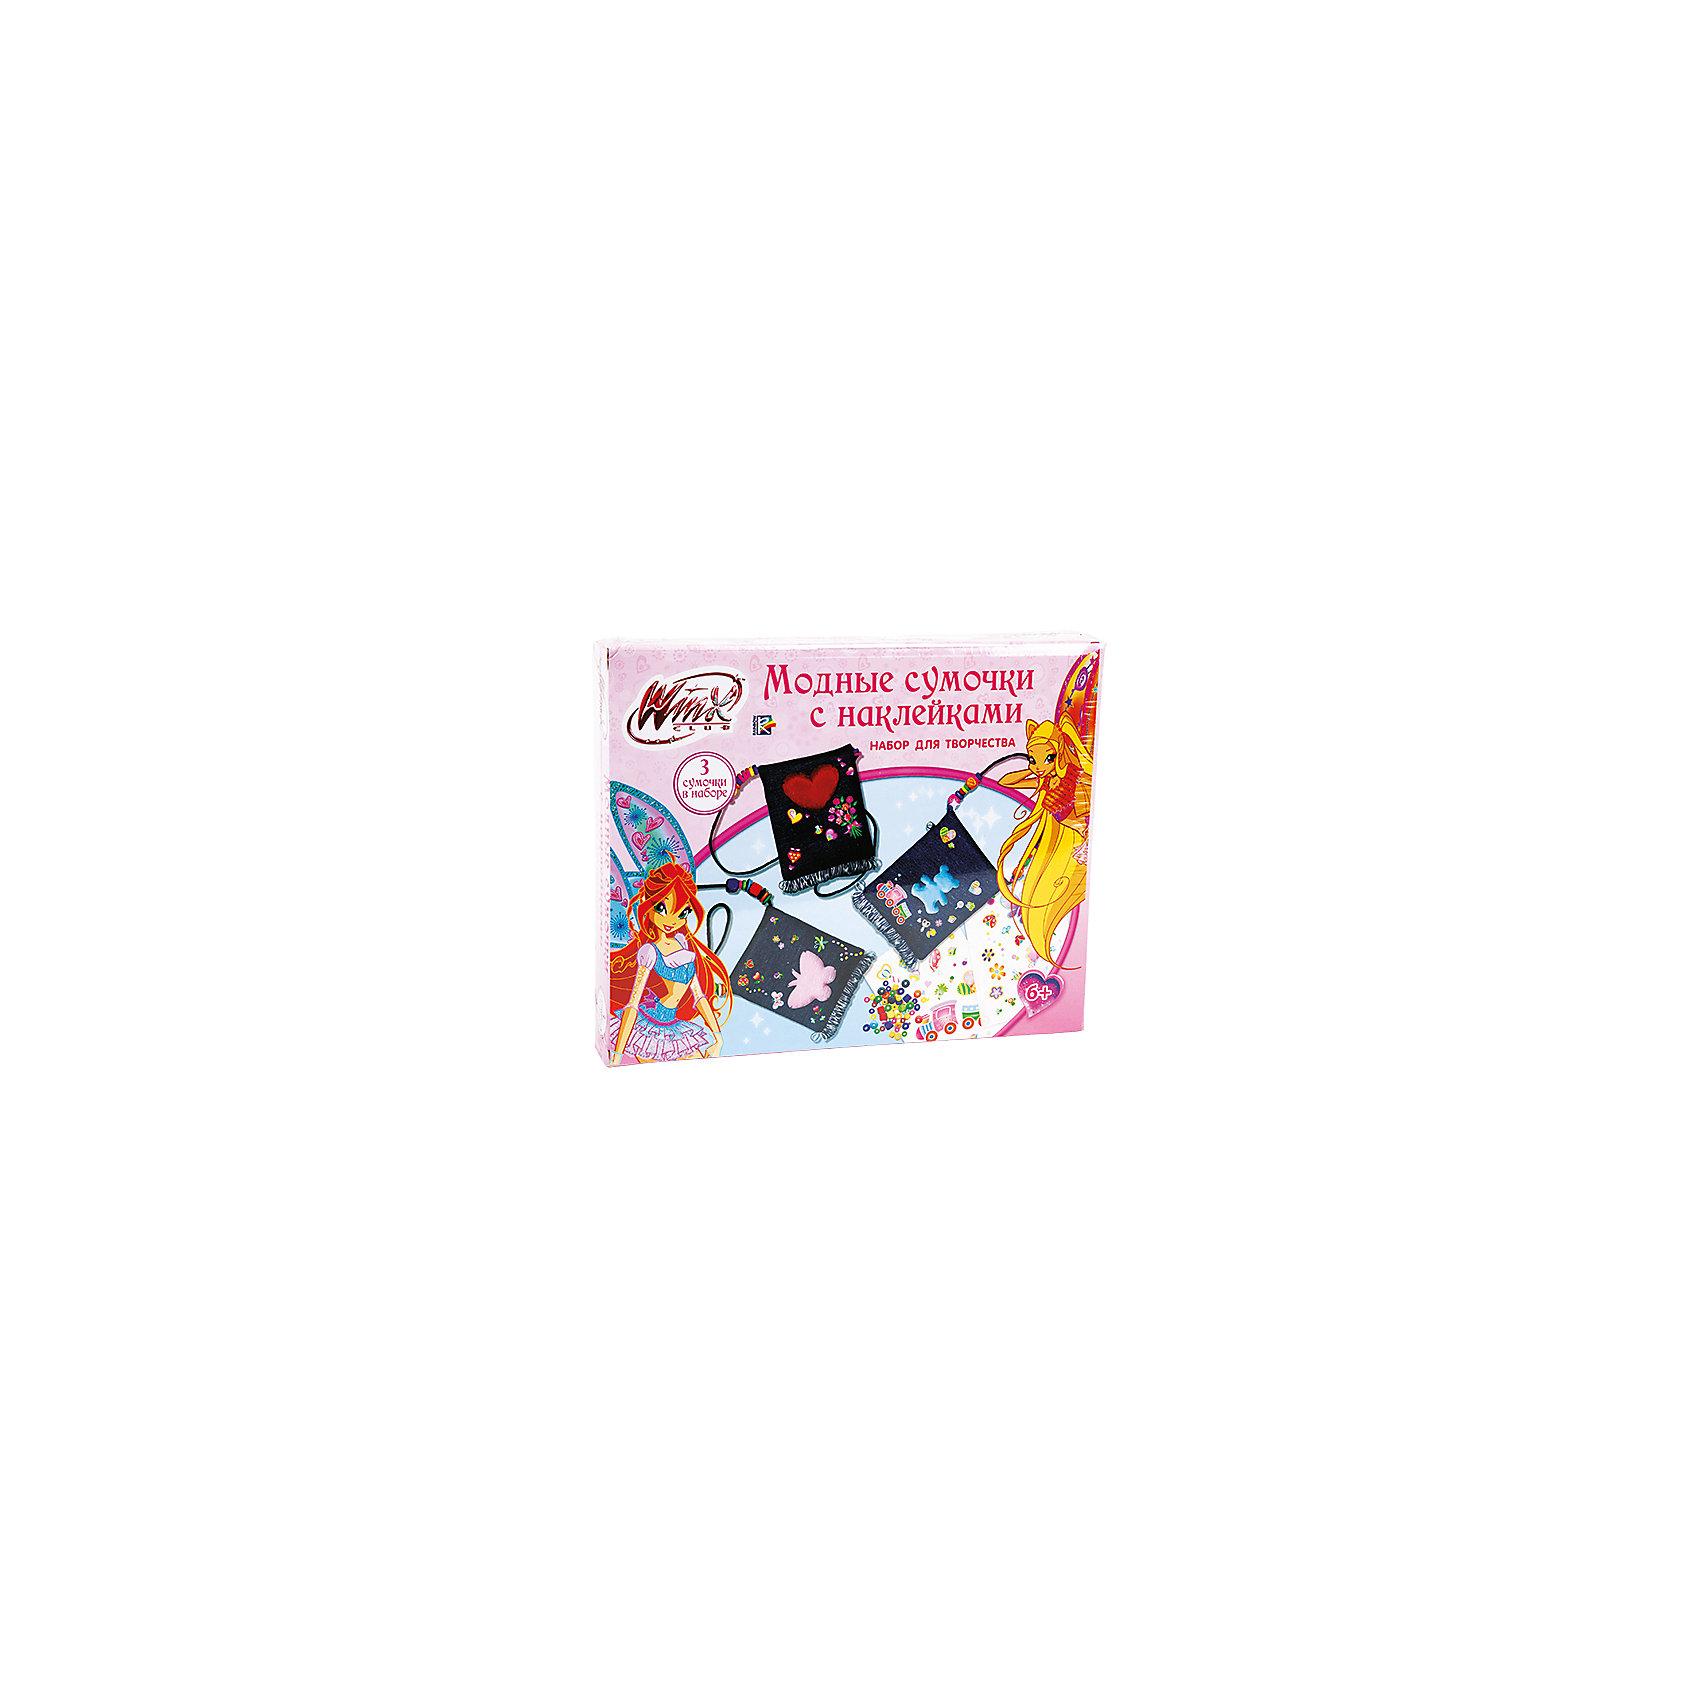 Набор Модные сумочки с наклейками, Winx ClubС помощью набора Winx Club девочка сможет украсить предложенные сумочки для себя или в подарок подружкам. Благодаря аксессуарам легко создавать новый образ на каждый день!<br>Дополнительная информация:<br>-в наборе: 3 сумочки из джинсовой ткани, 3 листа с наклейками, 3 мягкие фигурки, 78 разноцветных бусин, деревянная палочка<br>Сказочный персонаж: Winx Club<br>-вес: 180 грамм<br>-размер упаковки: 27х22х4 см<br>Набор для модной сумочки с наклейками Winx Club можно приобрести в нашем интернет-магазине.<br><br>Ширина мм: 40<br>Глубина мм: 220<br>Высота мм: 270<br>Вес г: 180<br>Возраст от месяцев: 60<br>Возраст до месяцев: 120<br>Пол: Женский<br>Возраст: Детский<br>SKU: 4915513